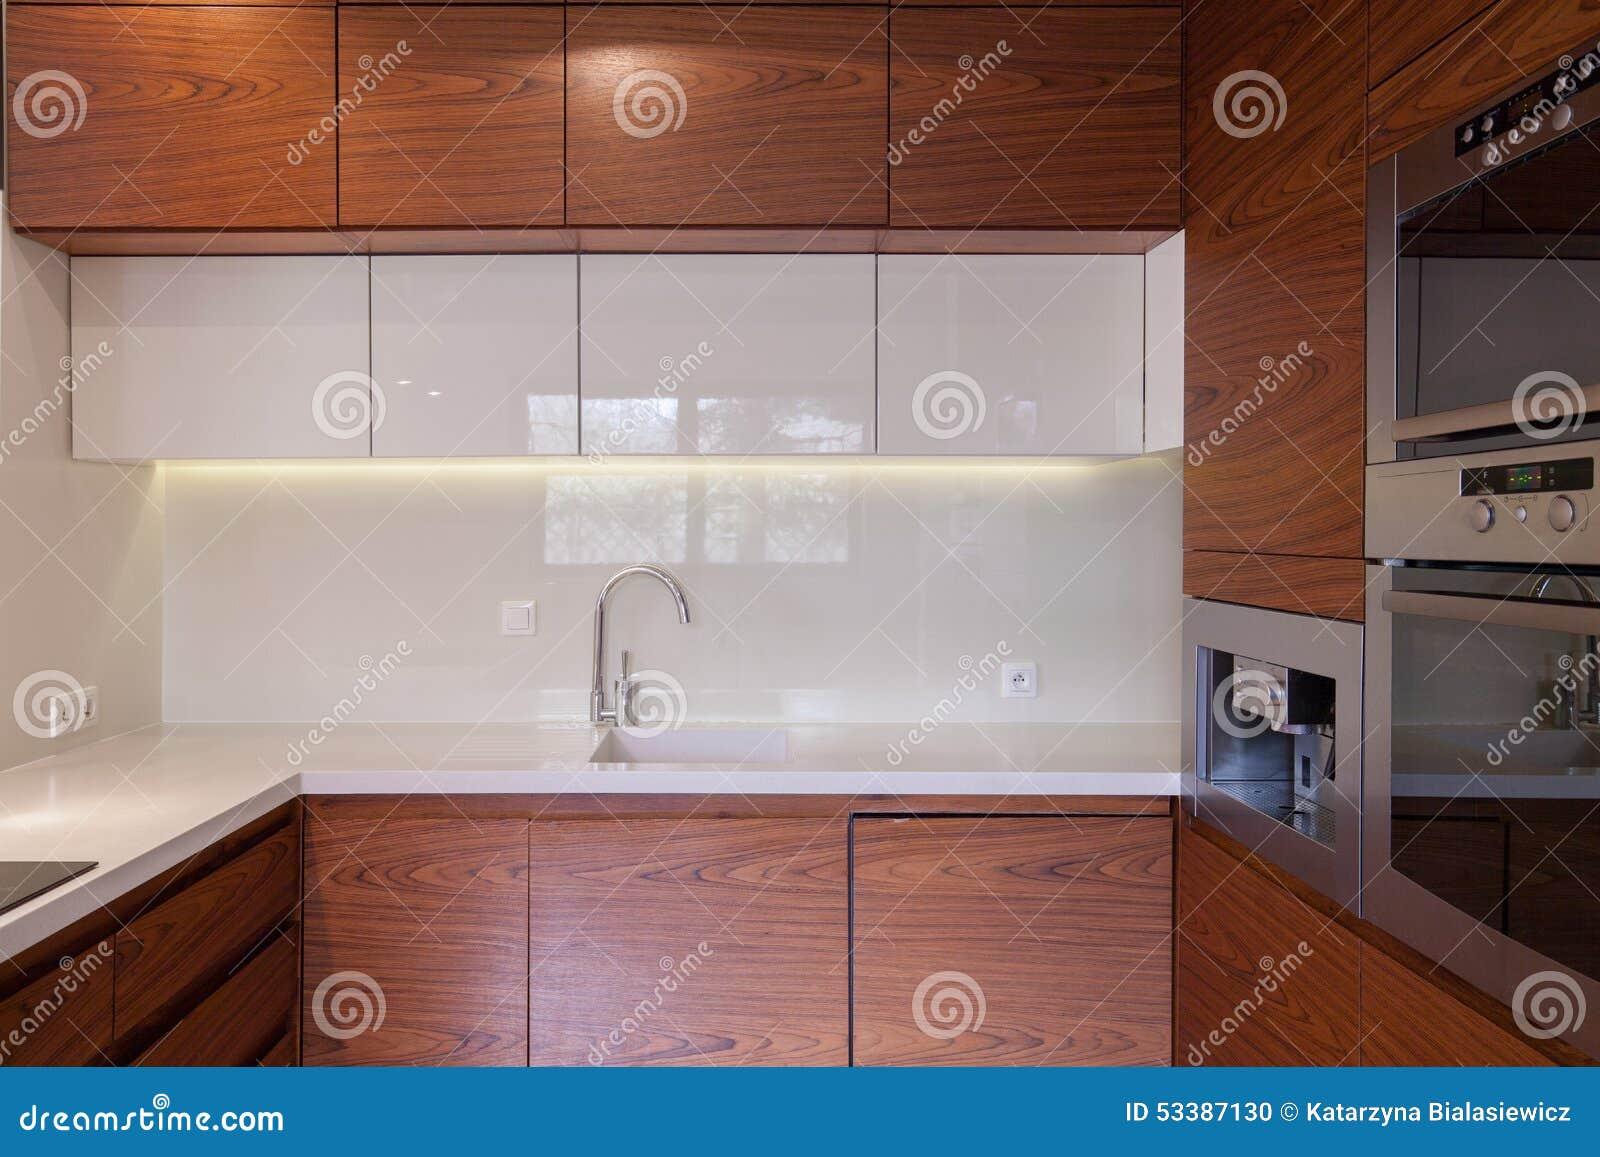 #9B5530 Unidade De Madeira Da Cozinha Foto de Stock Imagem: 53387130 1300x957 px Projetos Da Unidade De Cozinha_539 Imagens